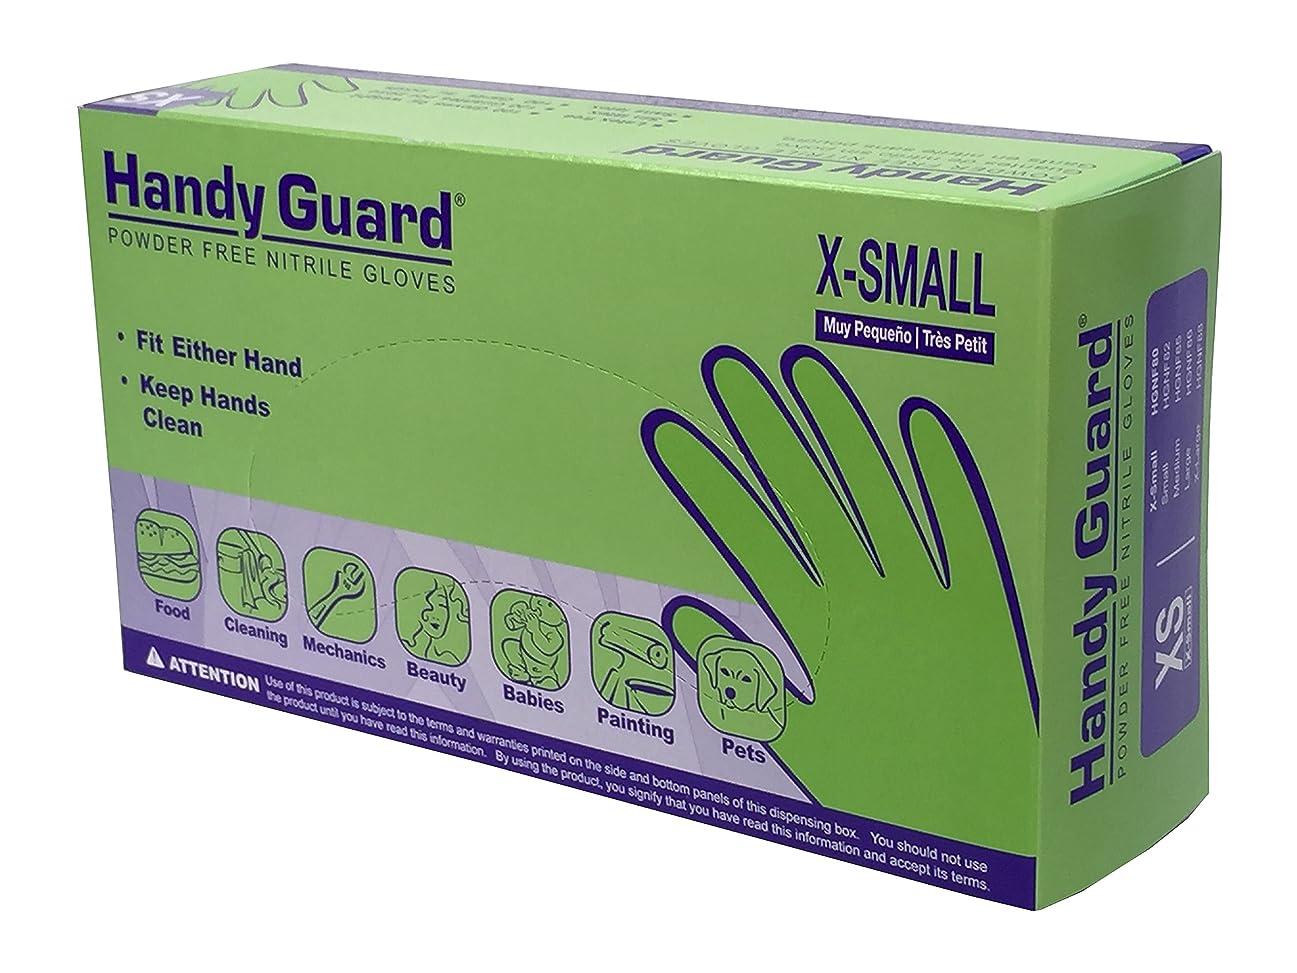 ギャラリーシャンプー流用するAdenna Handyガード5?Milニトリルパウダーフリー手袋(ブルー, Small) ボックスof 100 X-Small ブルー HGNF80